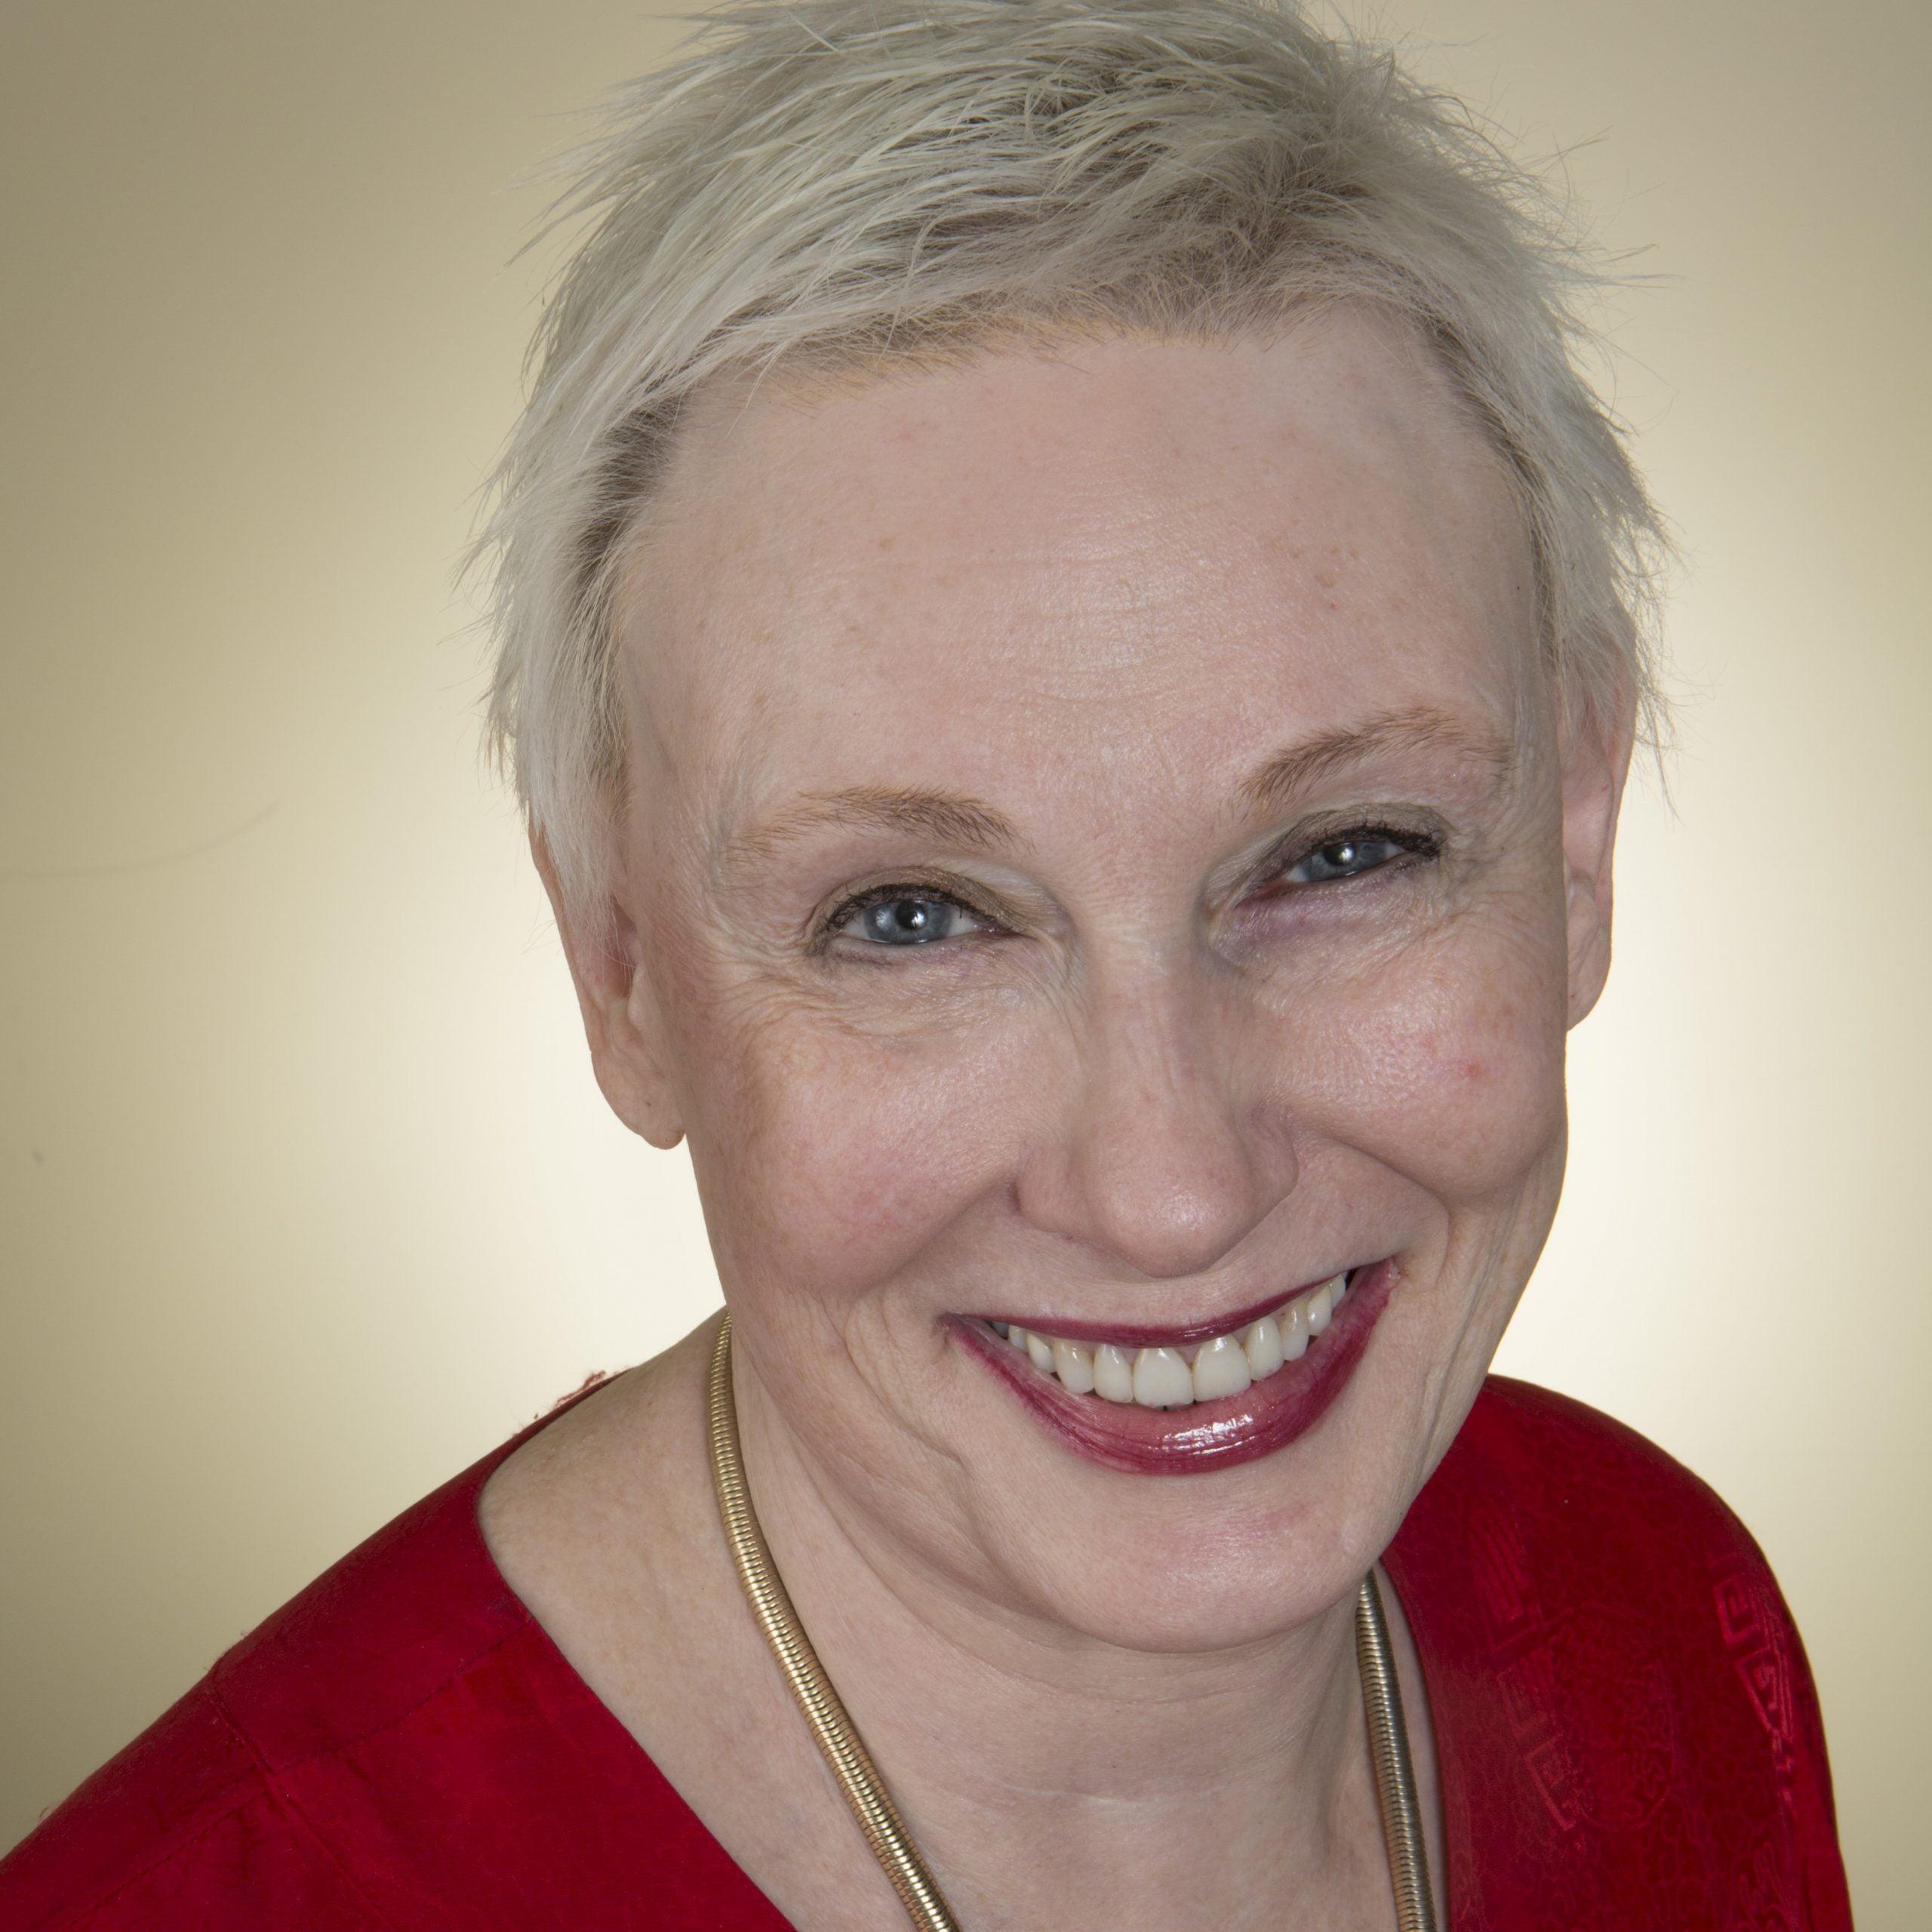 Rev. Susan Zoller Invites You to Enter the Mandala